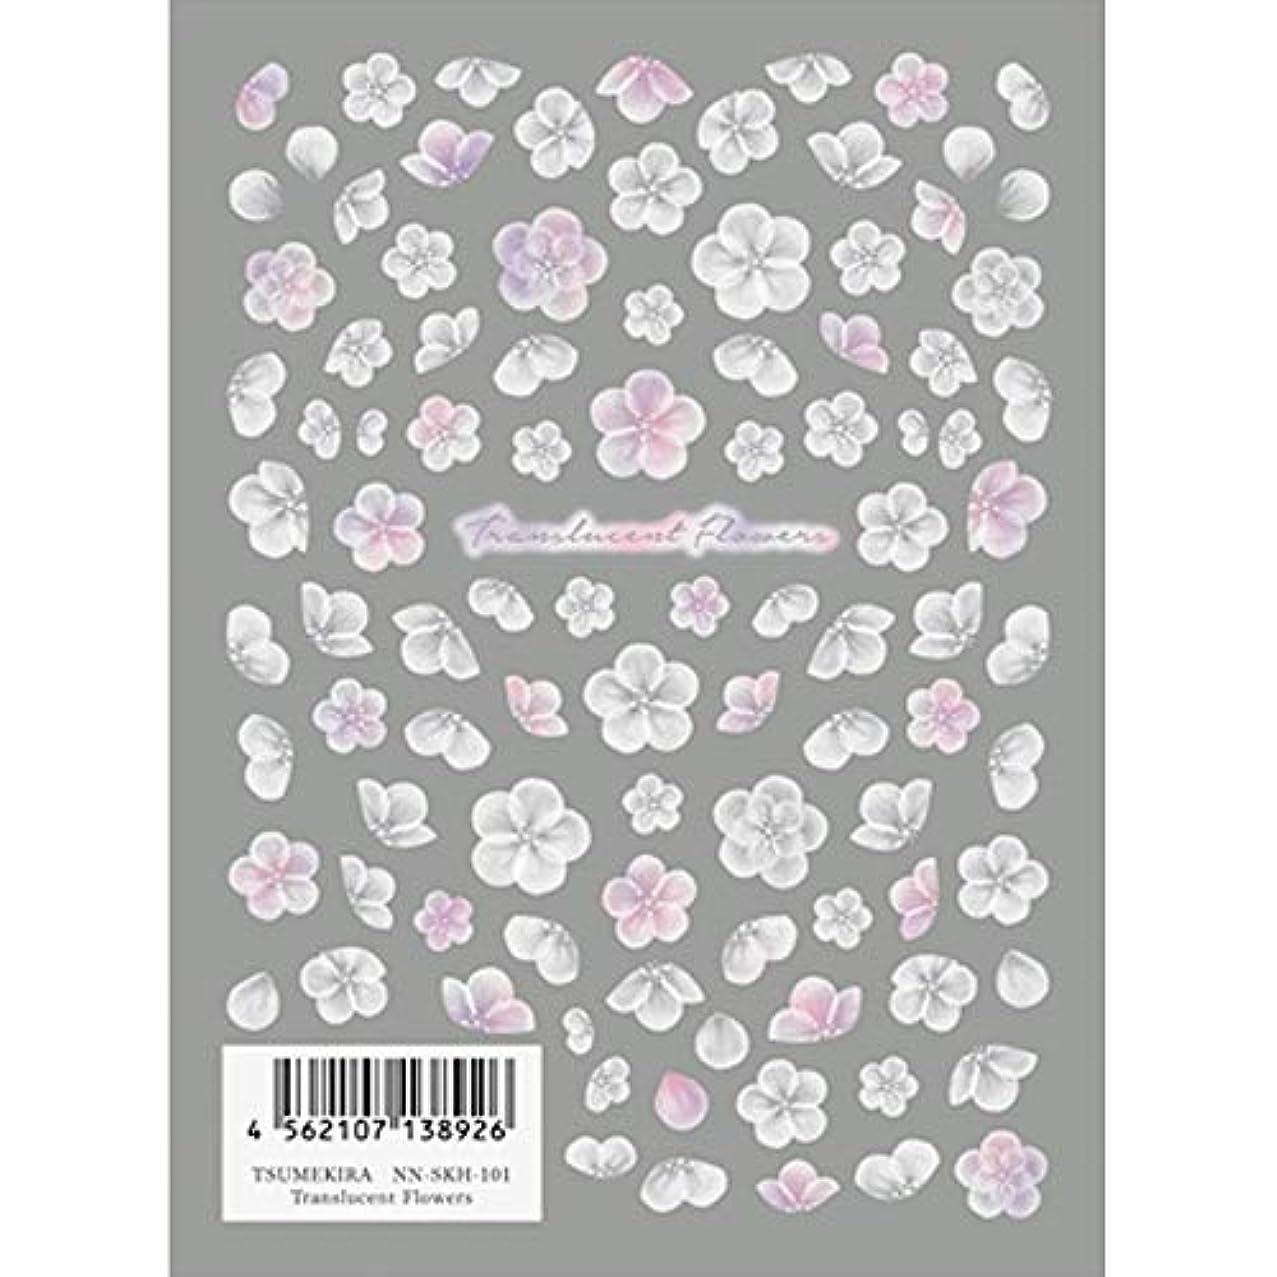 結論クラウン甘やかすツメキラ(TSUMEKIRA) ネイル用シール Translucent Flowers NN-SKH-101